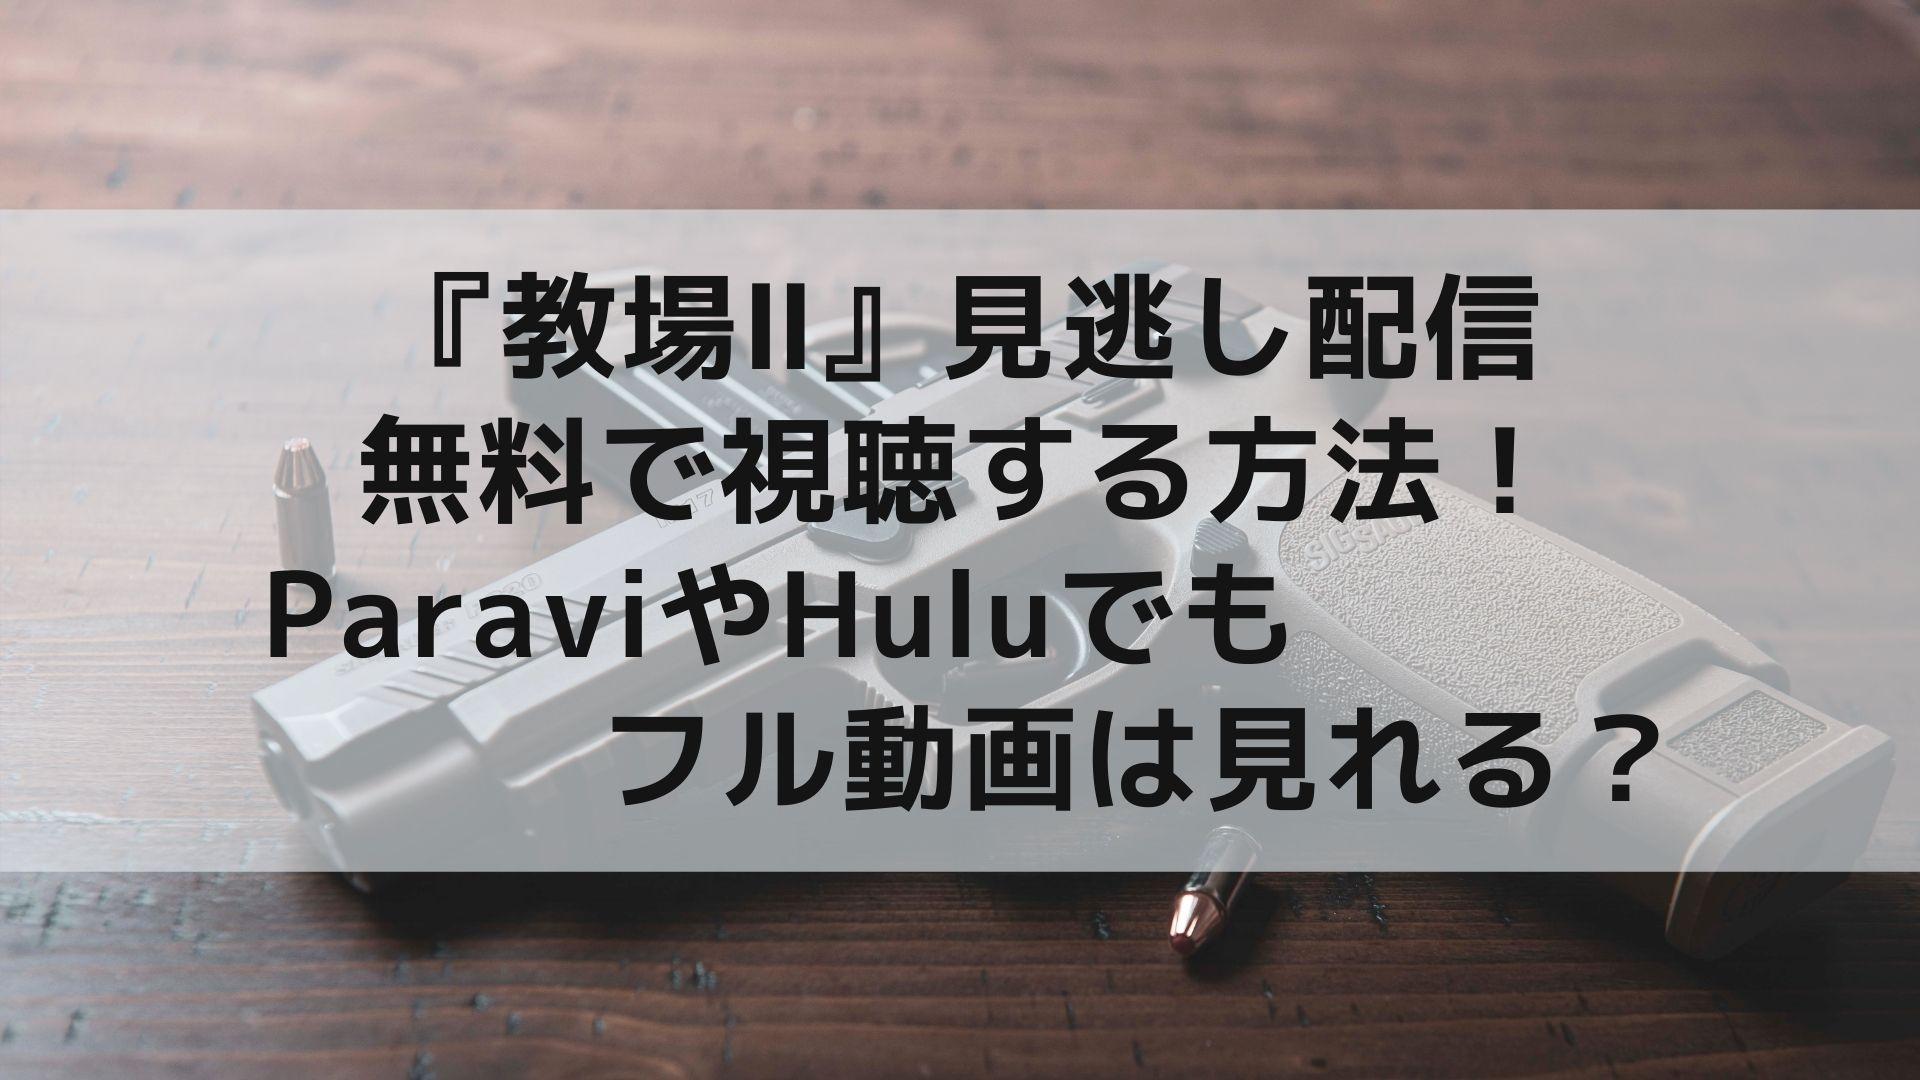 教場Ⅱの見逃し配信を無料で視聴する方法!ParaviやHuluでもフル動画は見れる?タイトル画像